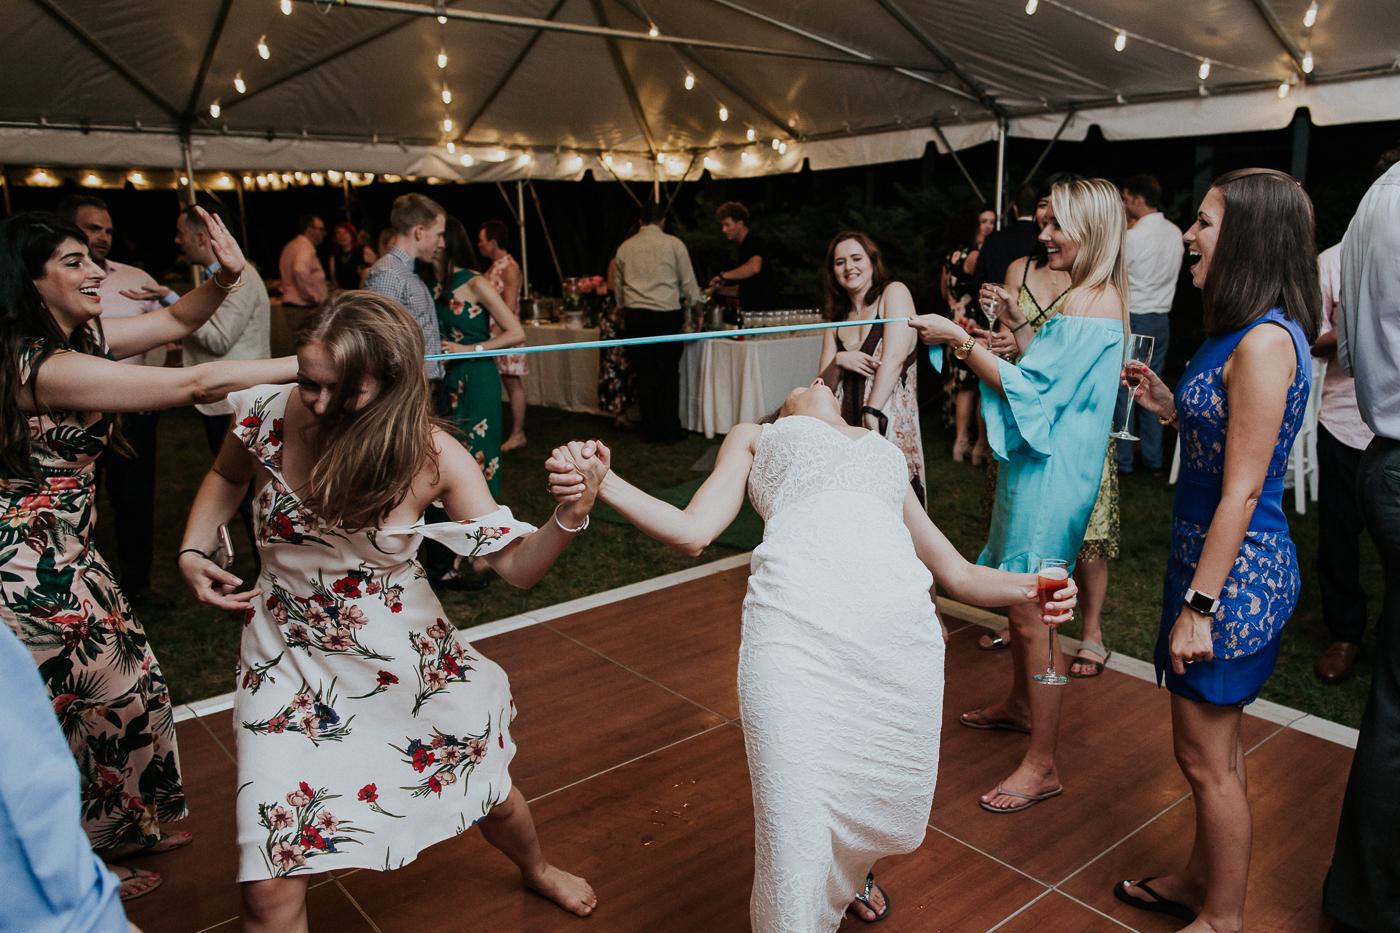 Westchester-New-York-Intimate-Backyard-Garden-Documentary-Wedding-Photographer-46.jpg